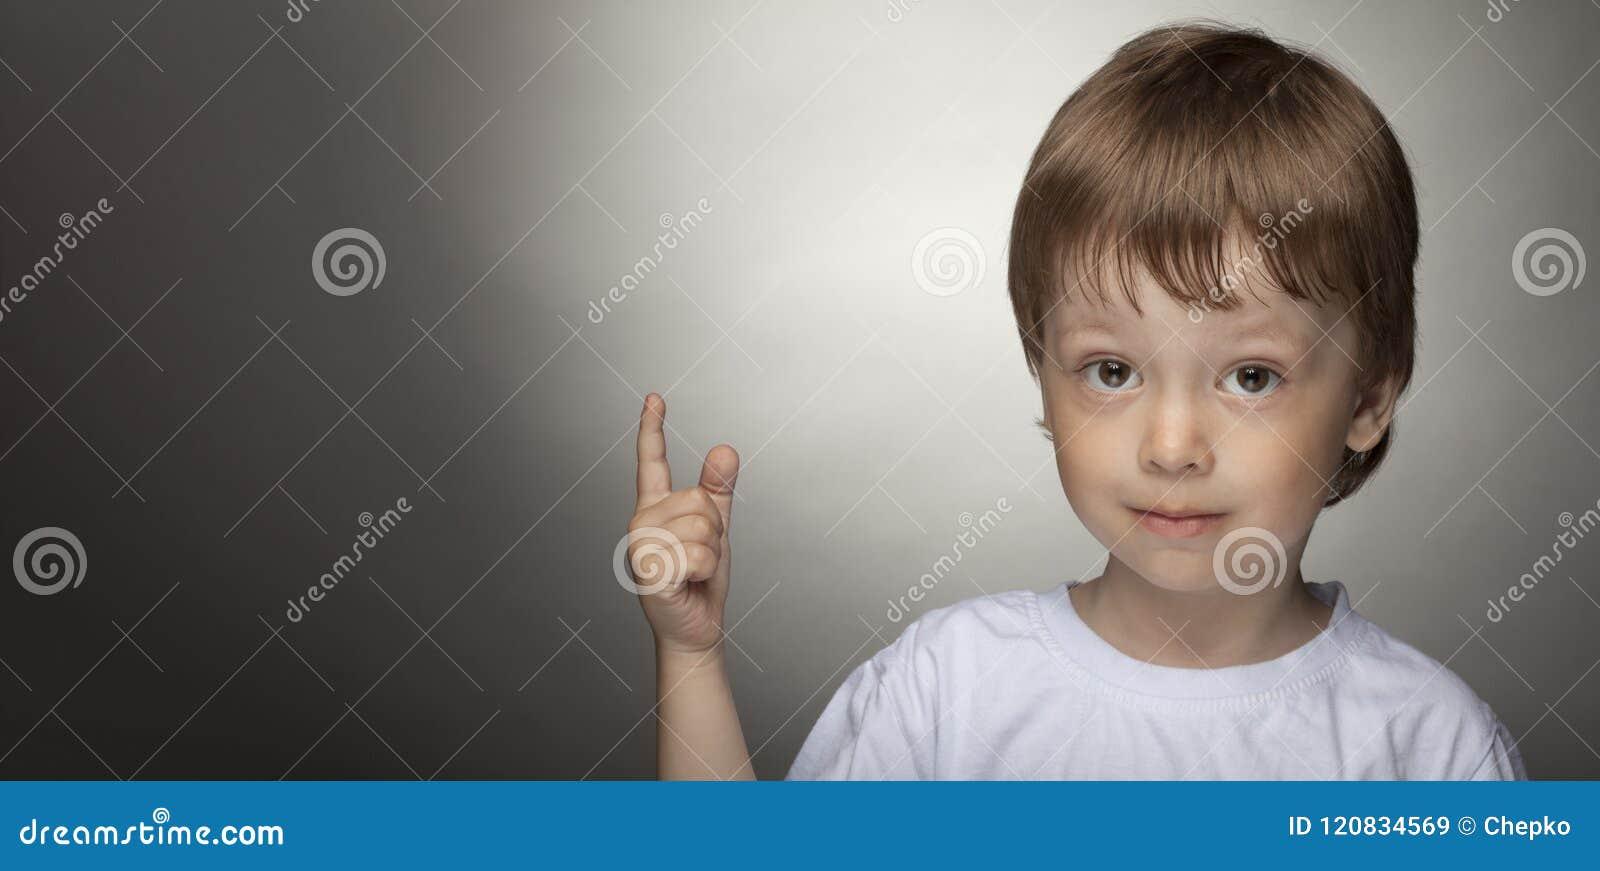 Жизнерадостный мальчик указывая вверх, счастливый ребенок с хорошей идеей